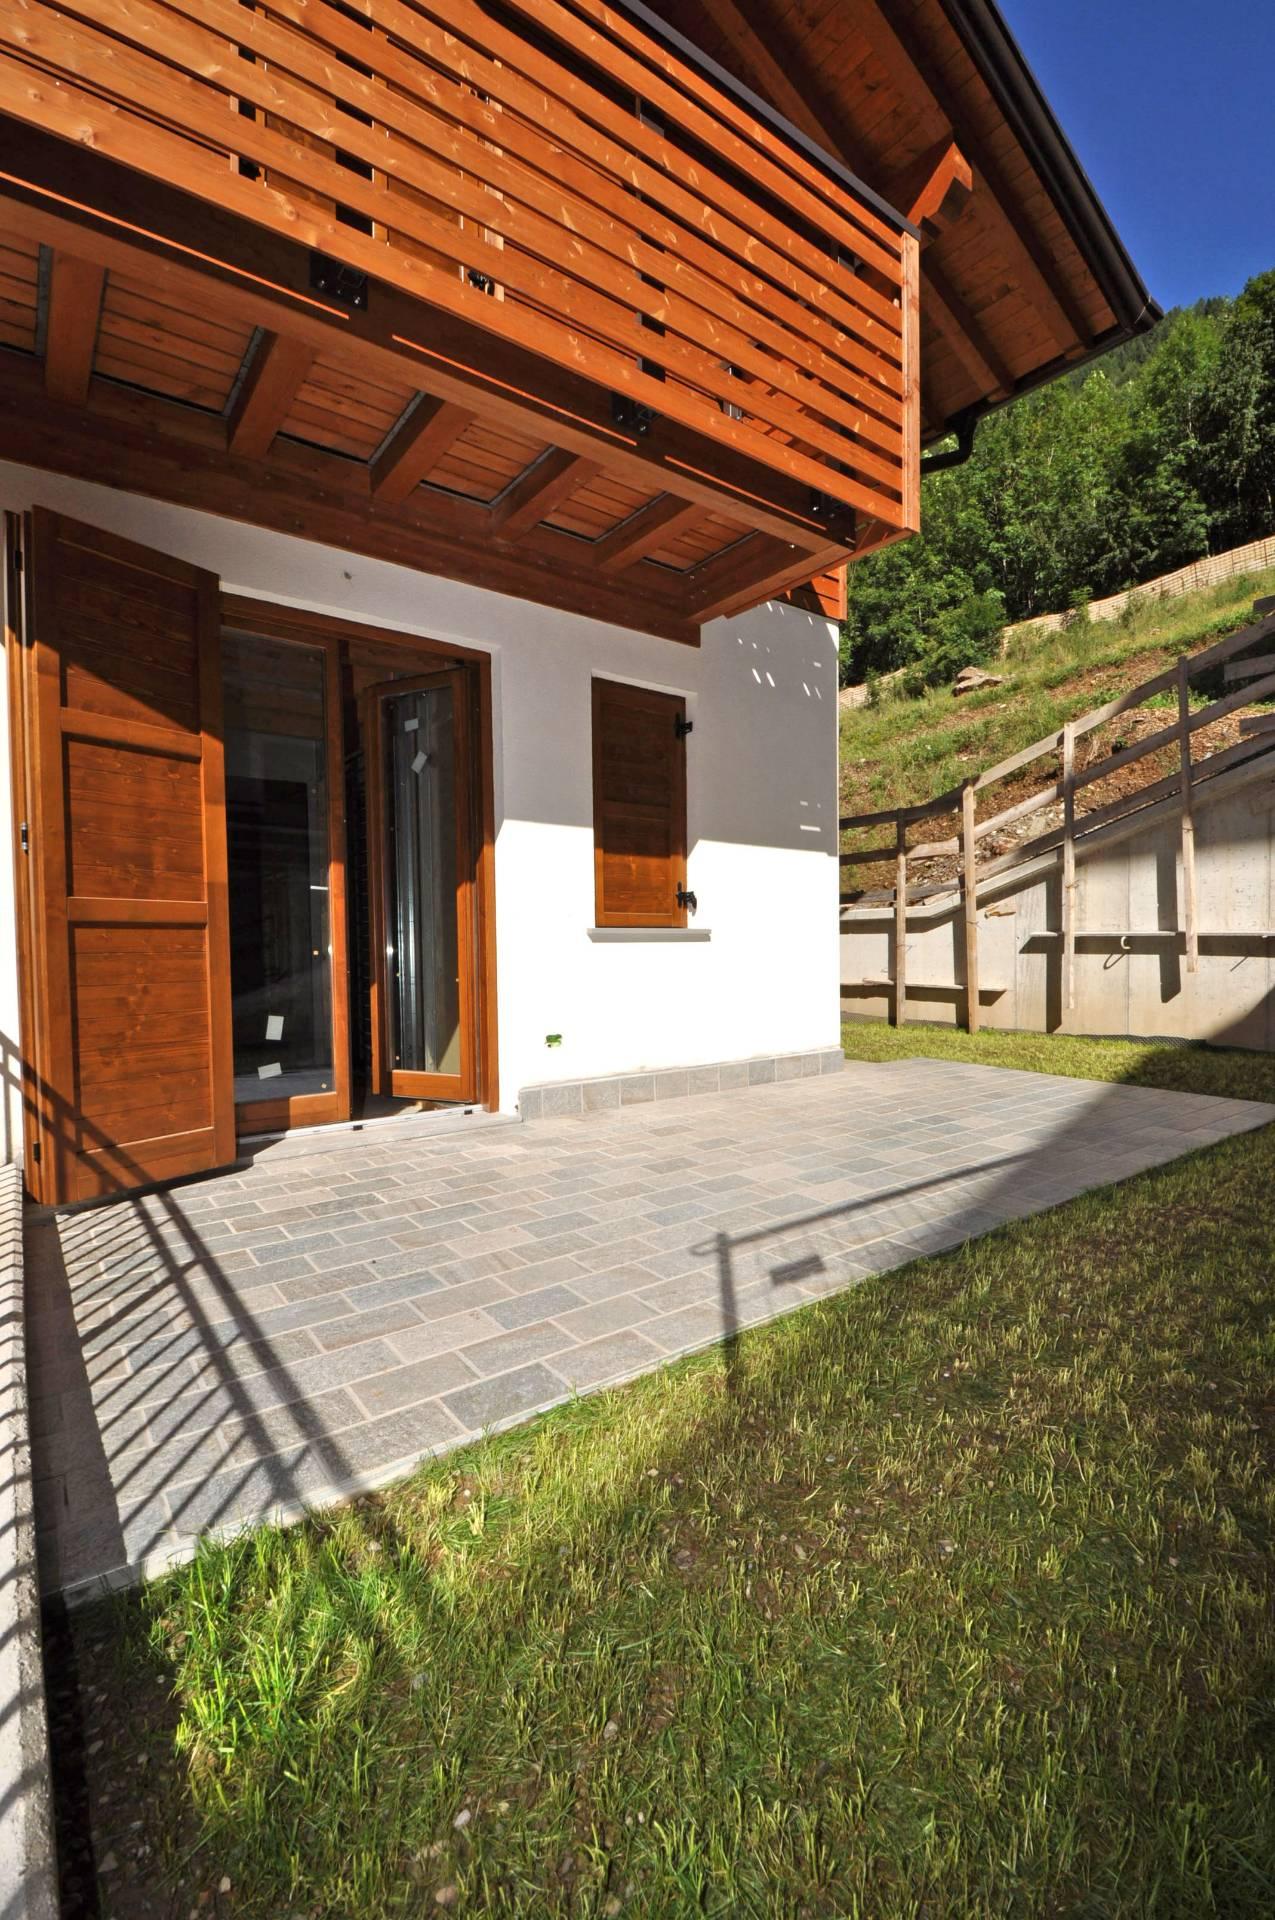 Villa in vendita a Carona, 2 locali, Trattative riservate | Cambio Casa.it